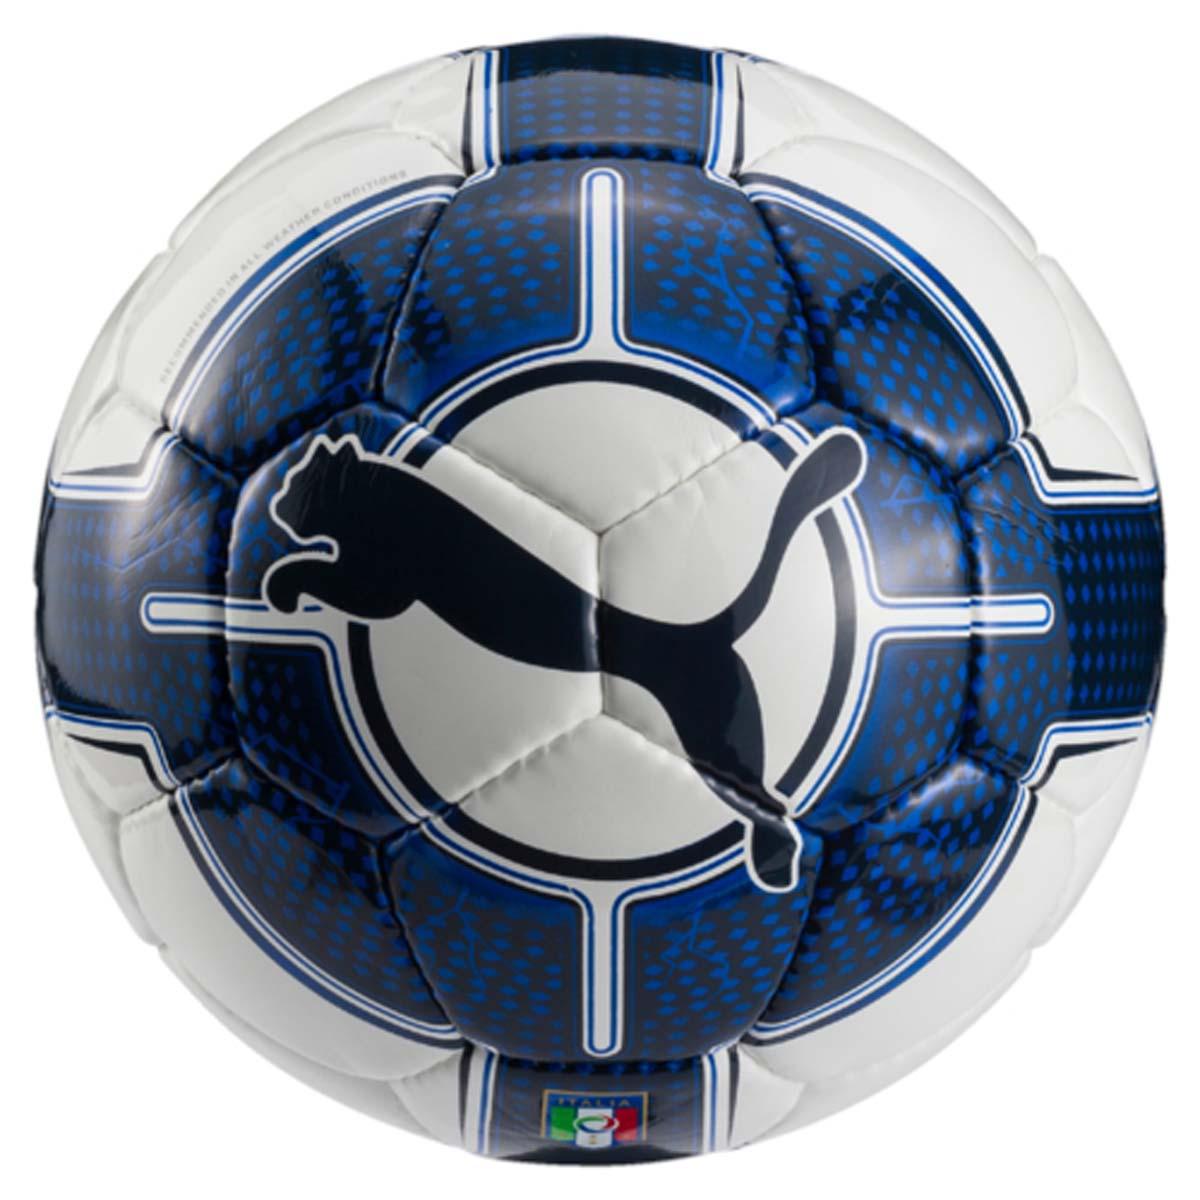 Мяч футбольный Puma Italia Evopower Vigor 5.3HS, цвет: синий, белый. 08277601. Размер 508277601